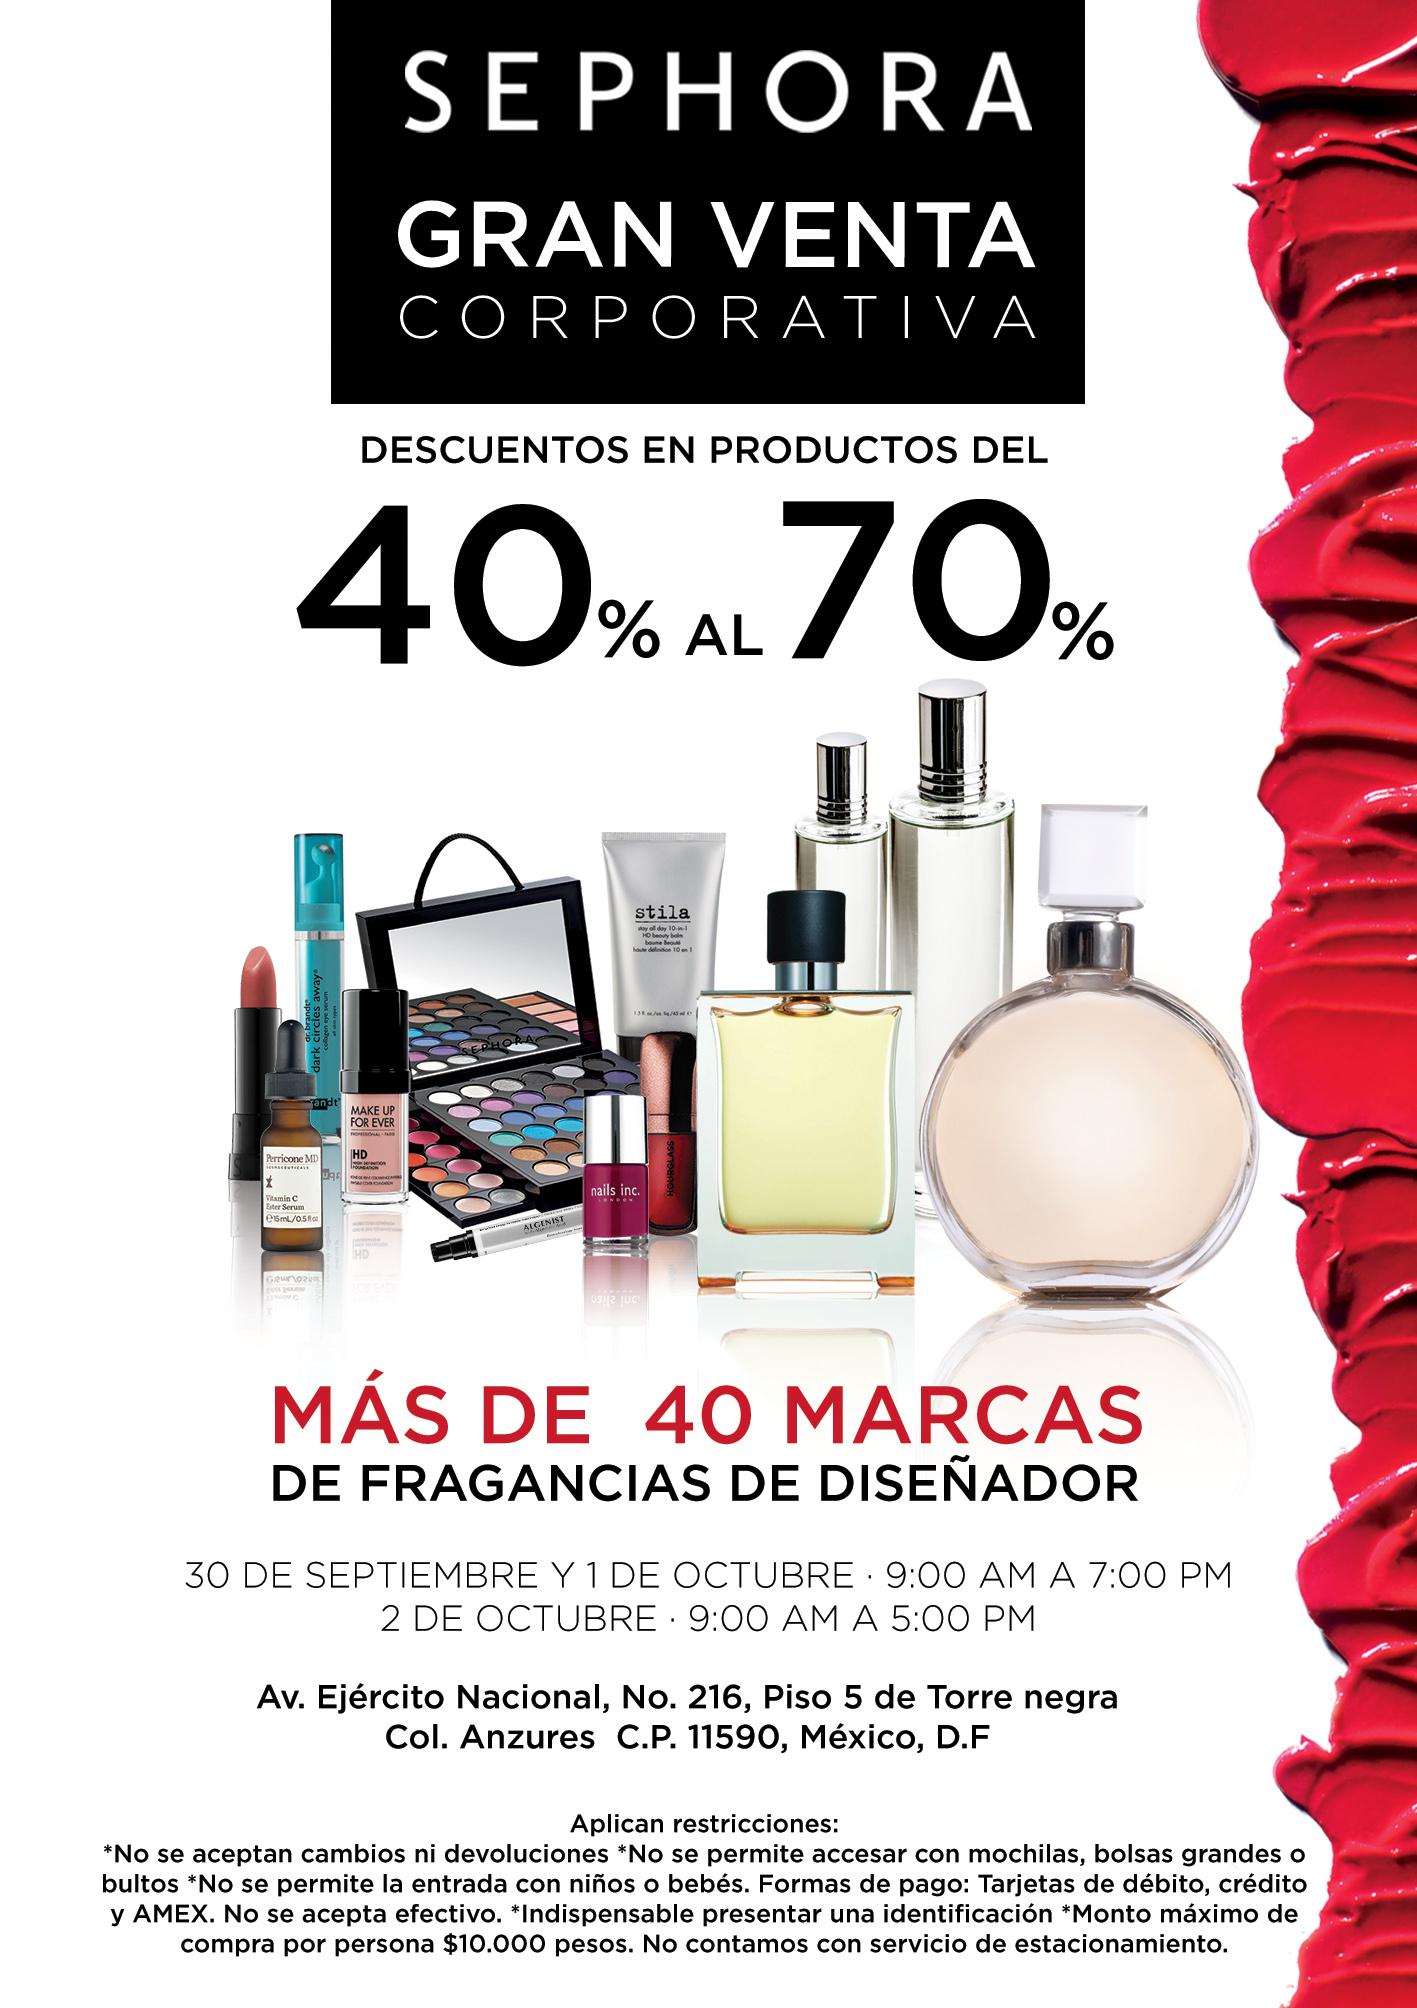 Venta Corporativa Sephora descuentos del 40 al 70% (DF)